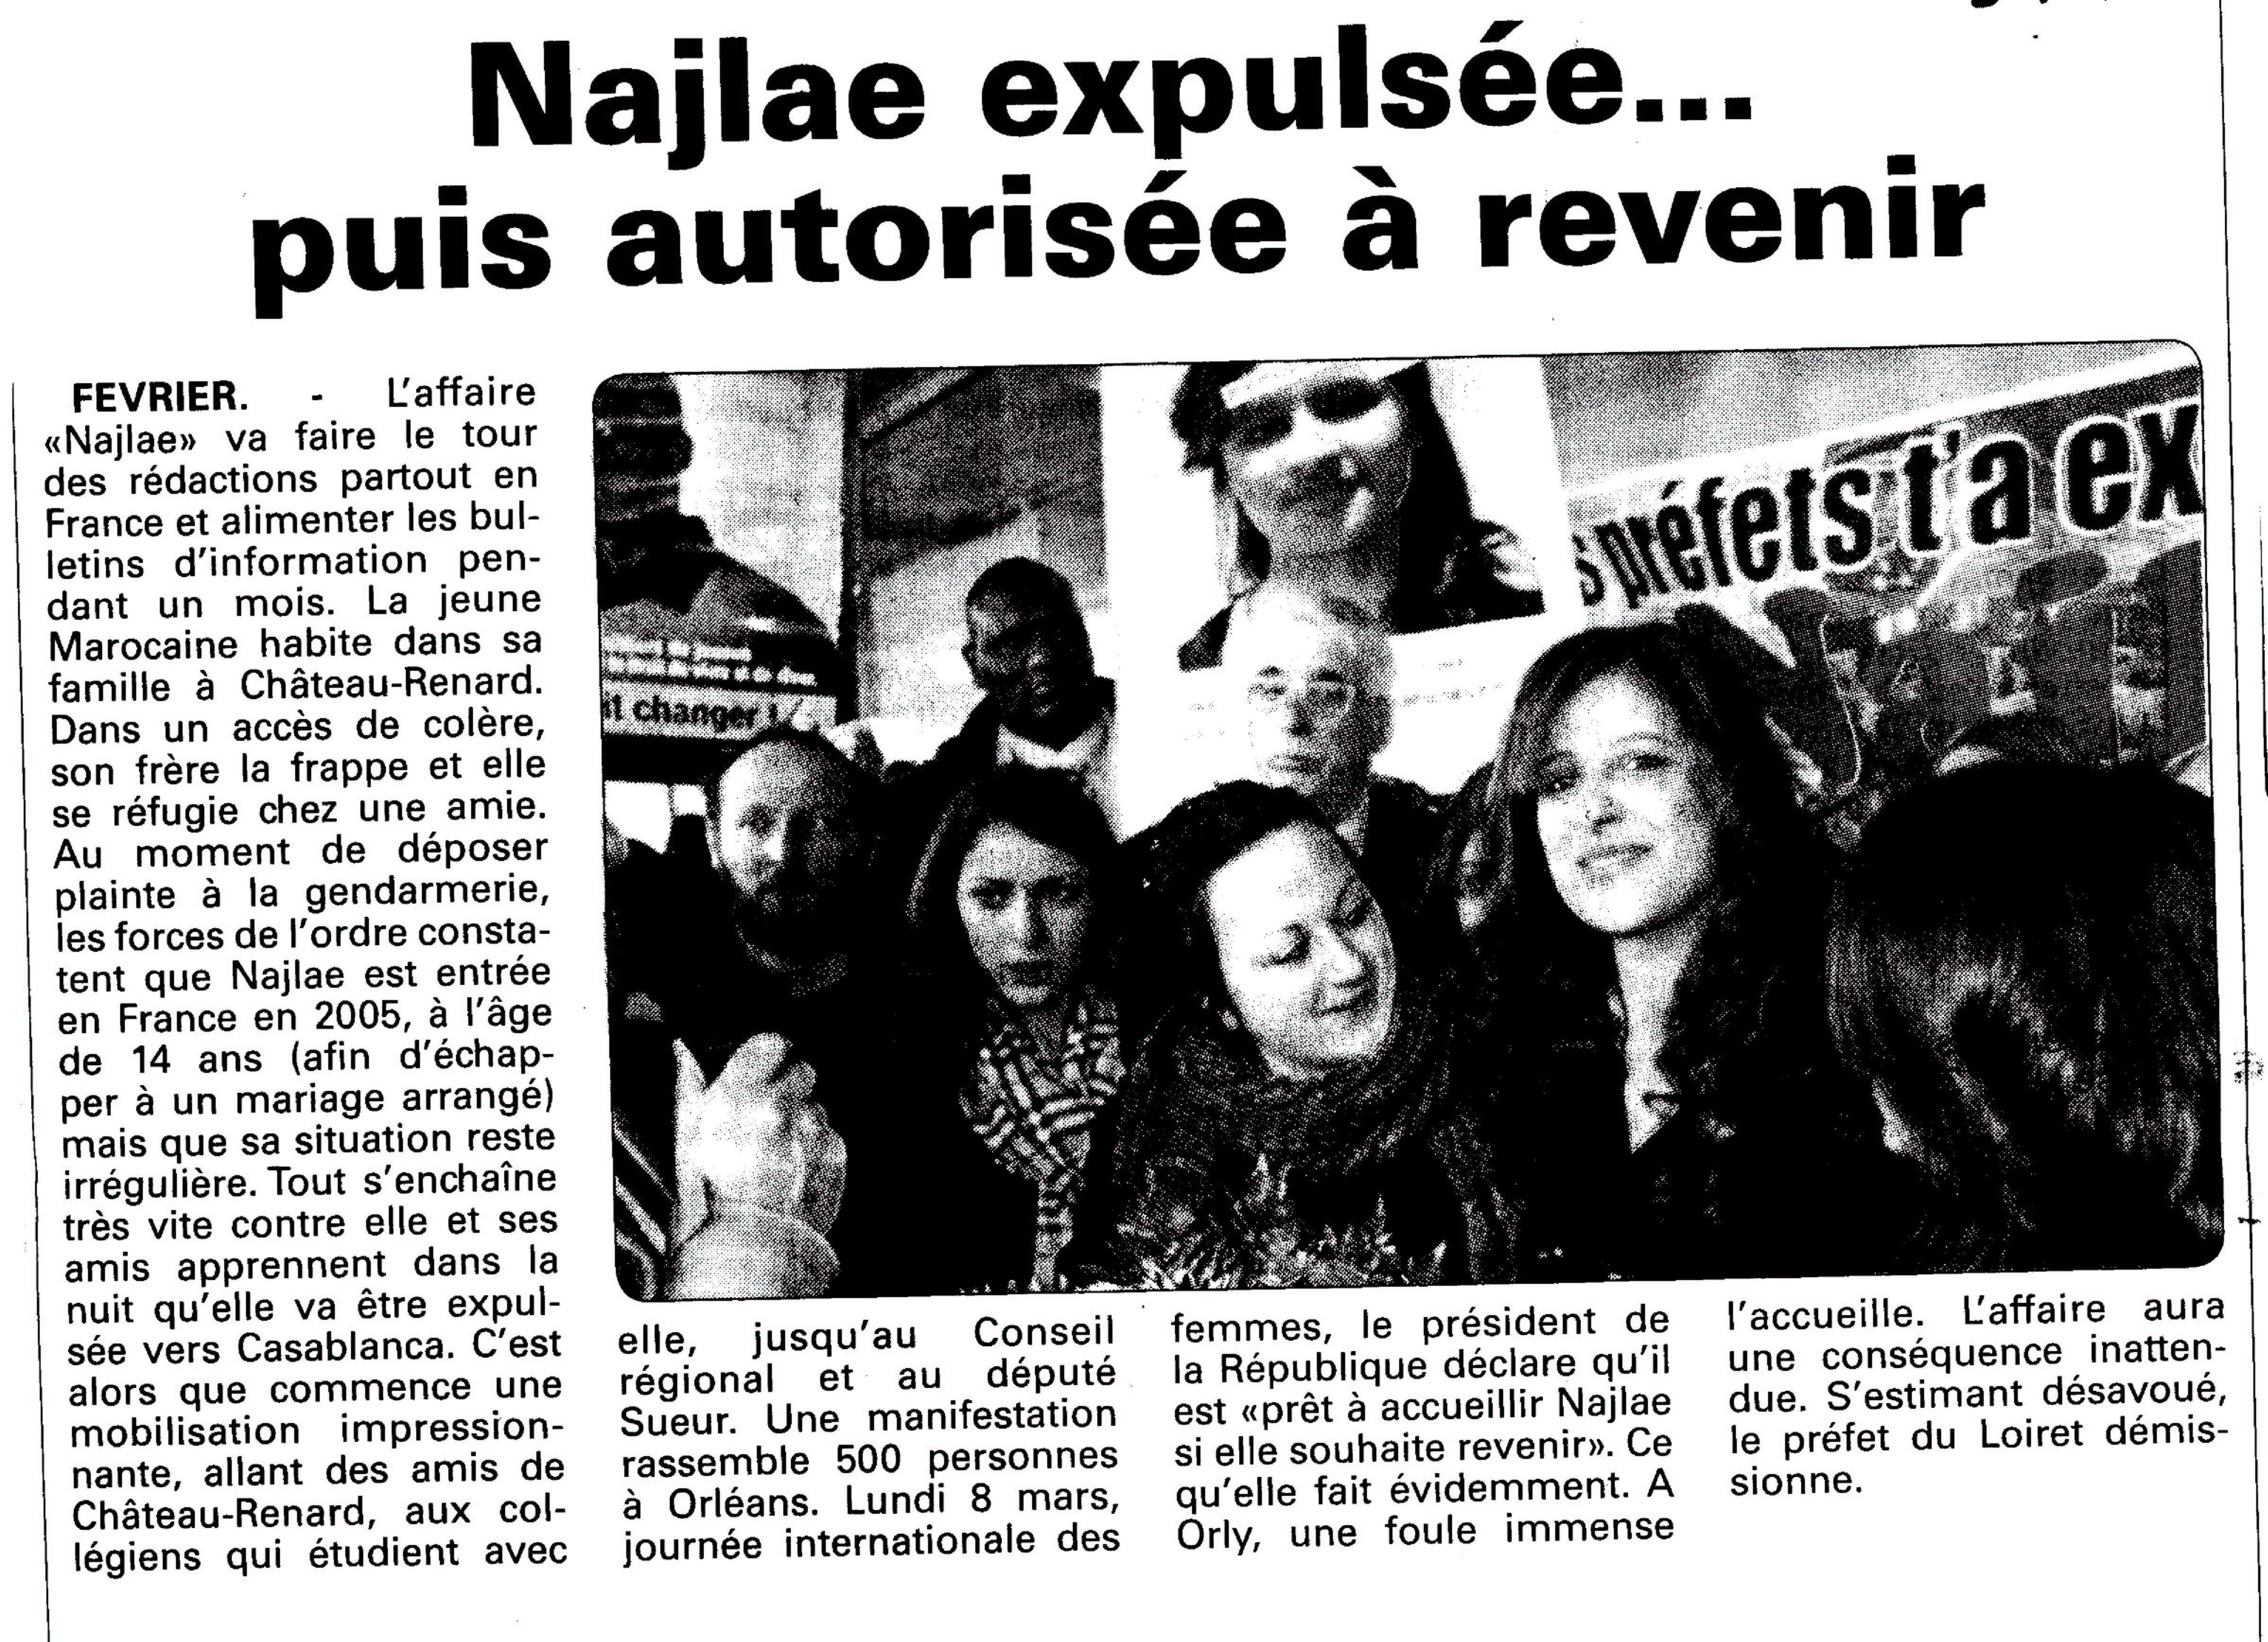 101230_Eclaireur_Najlae